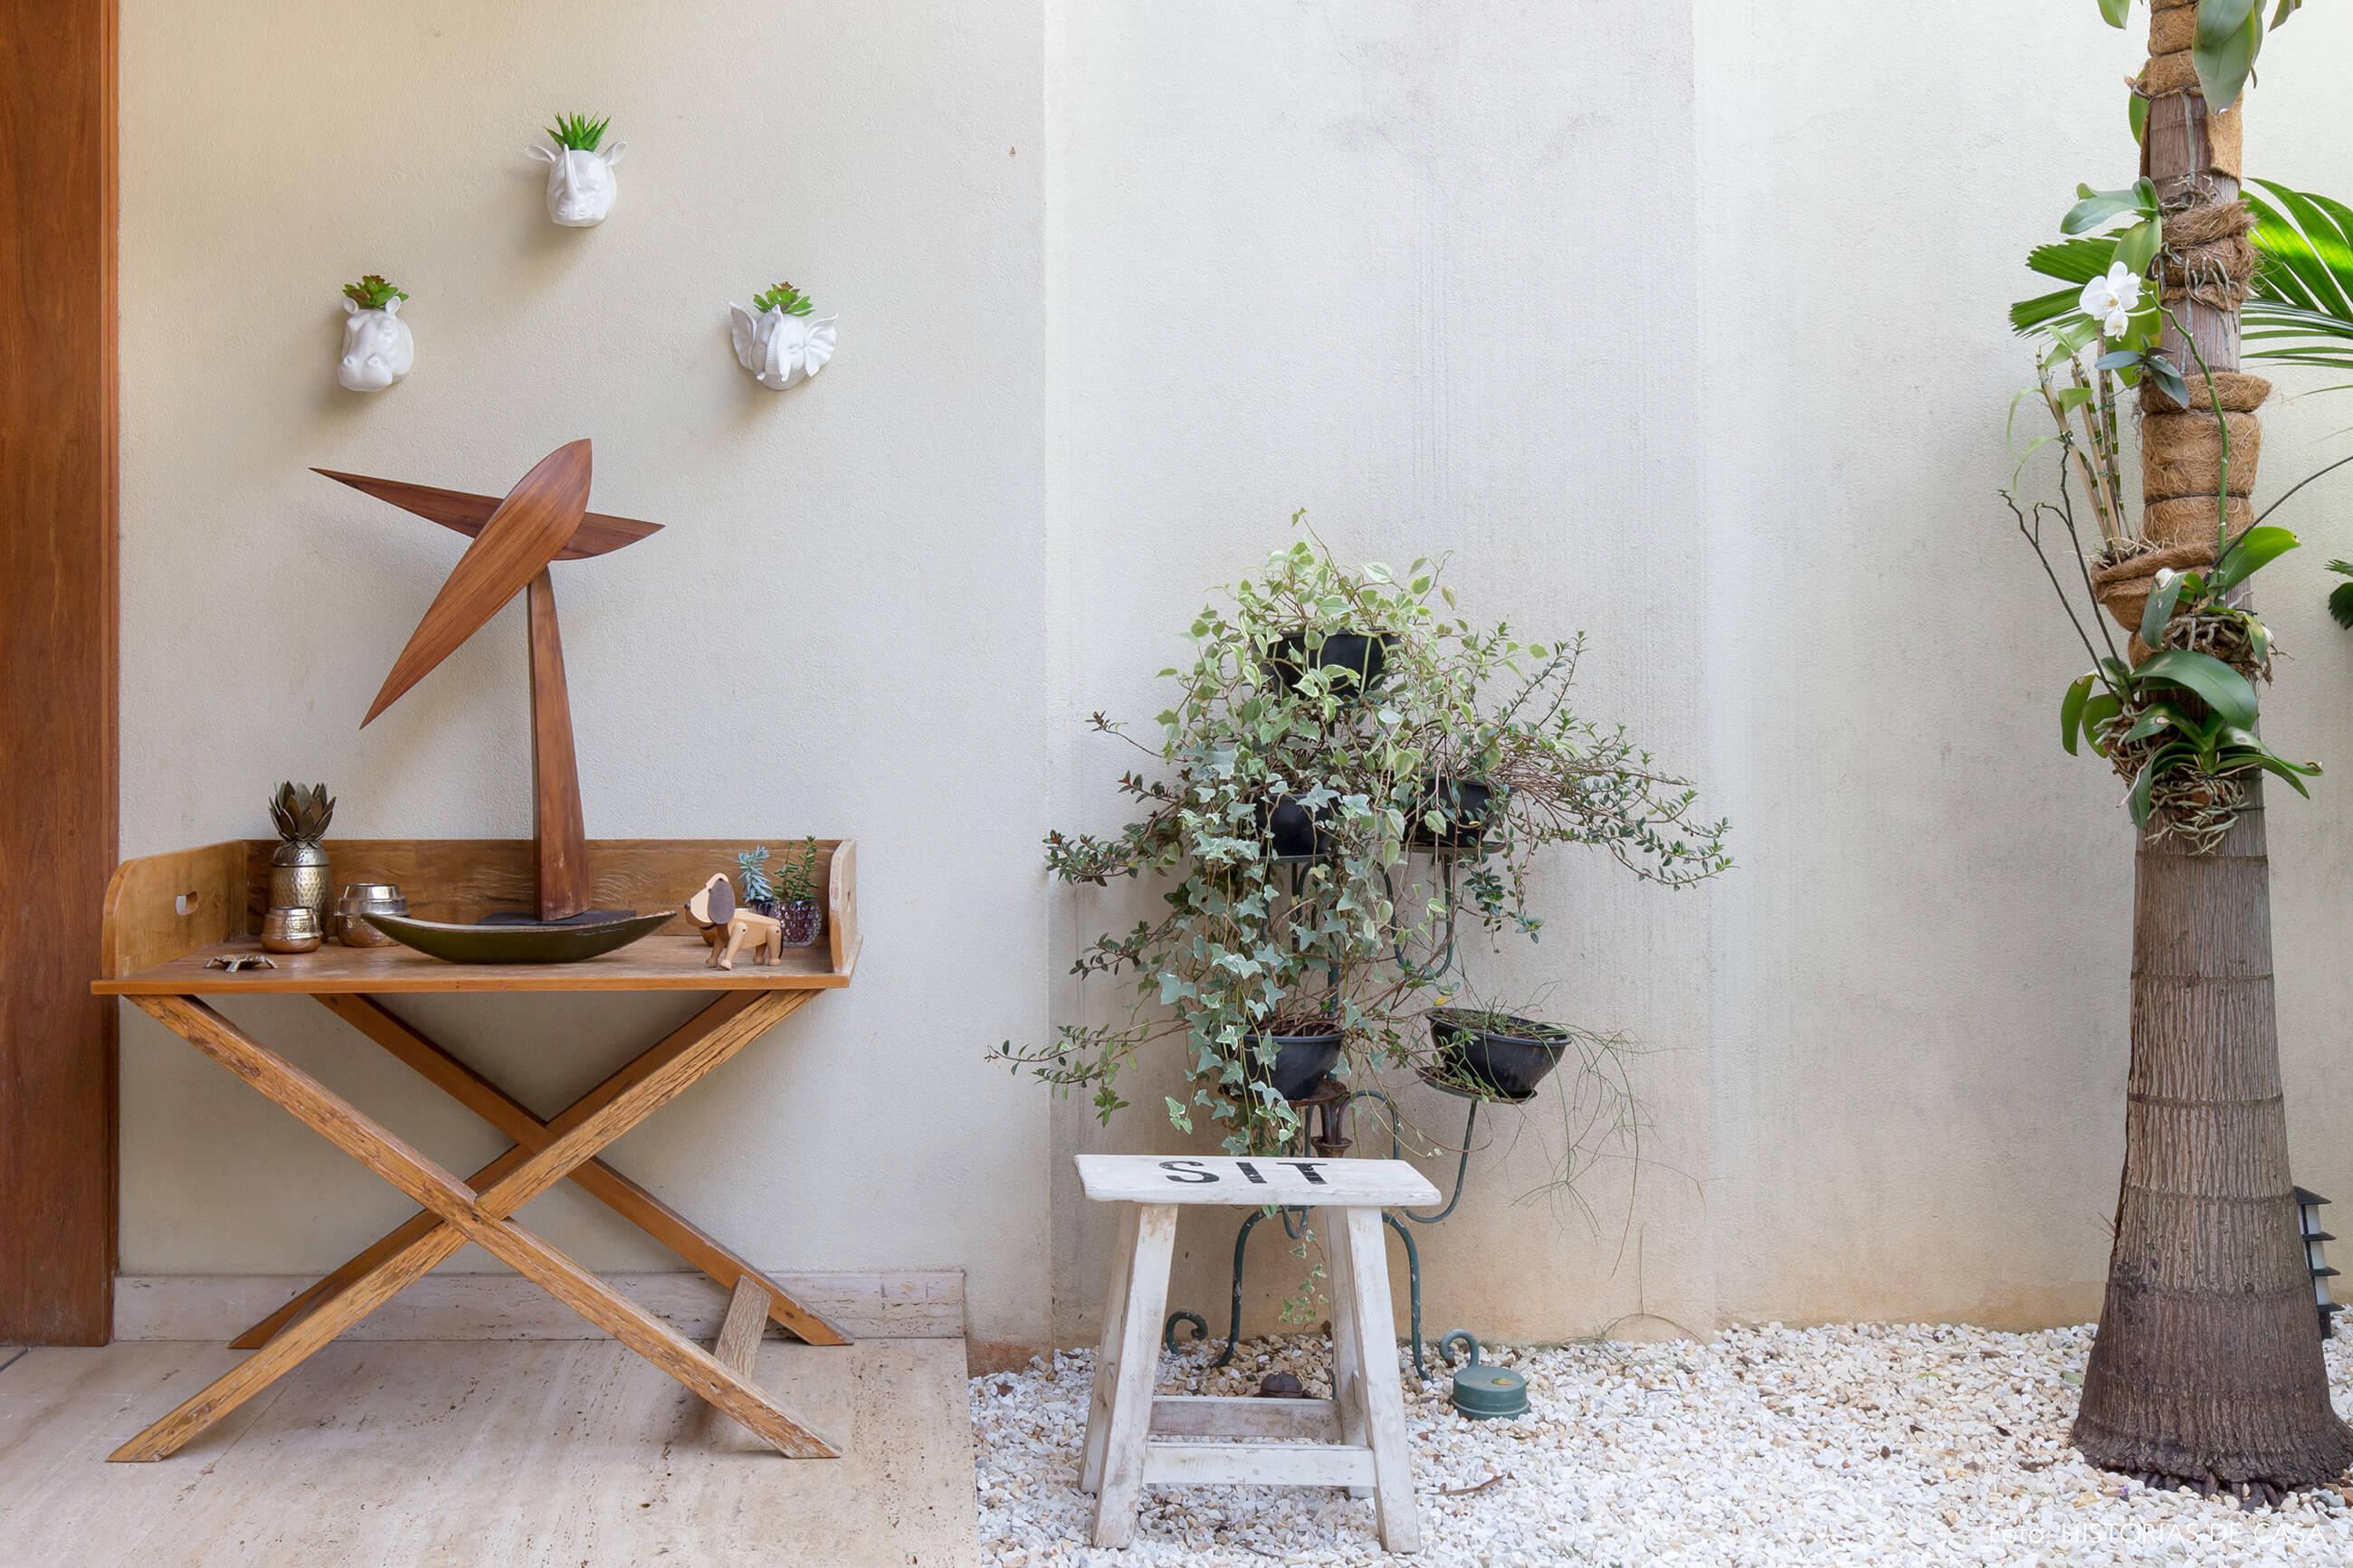 Casa com jardim e piso de seixos brancos